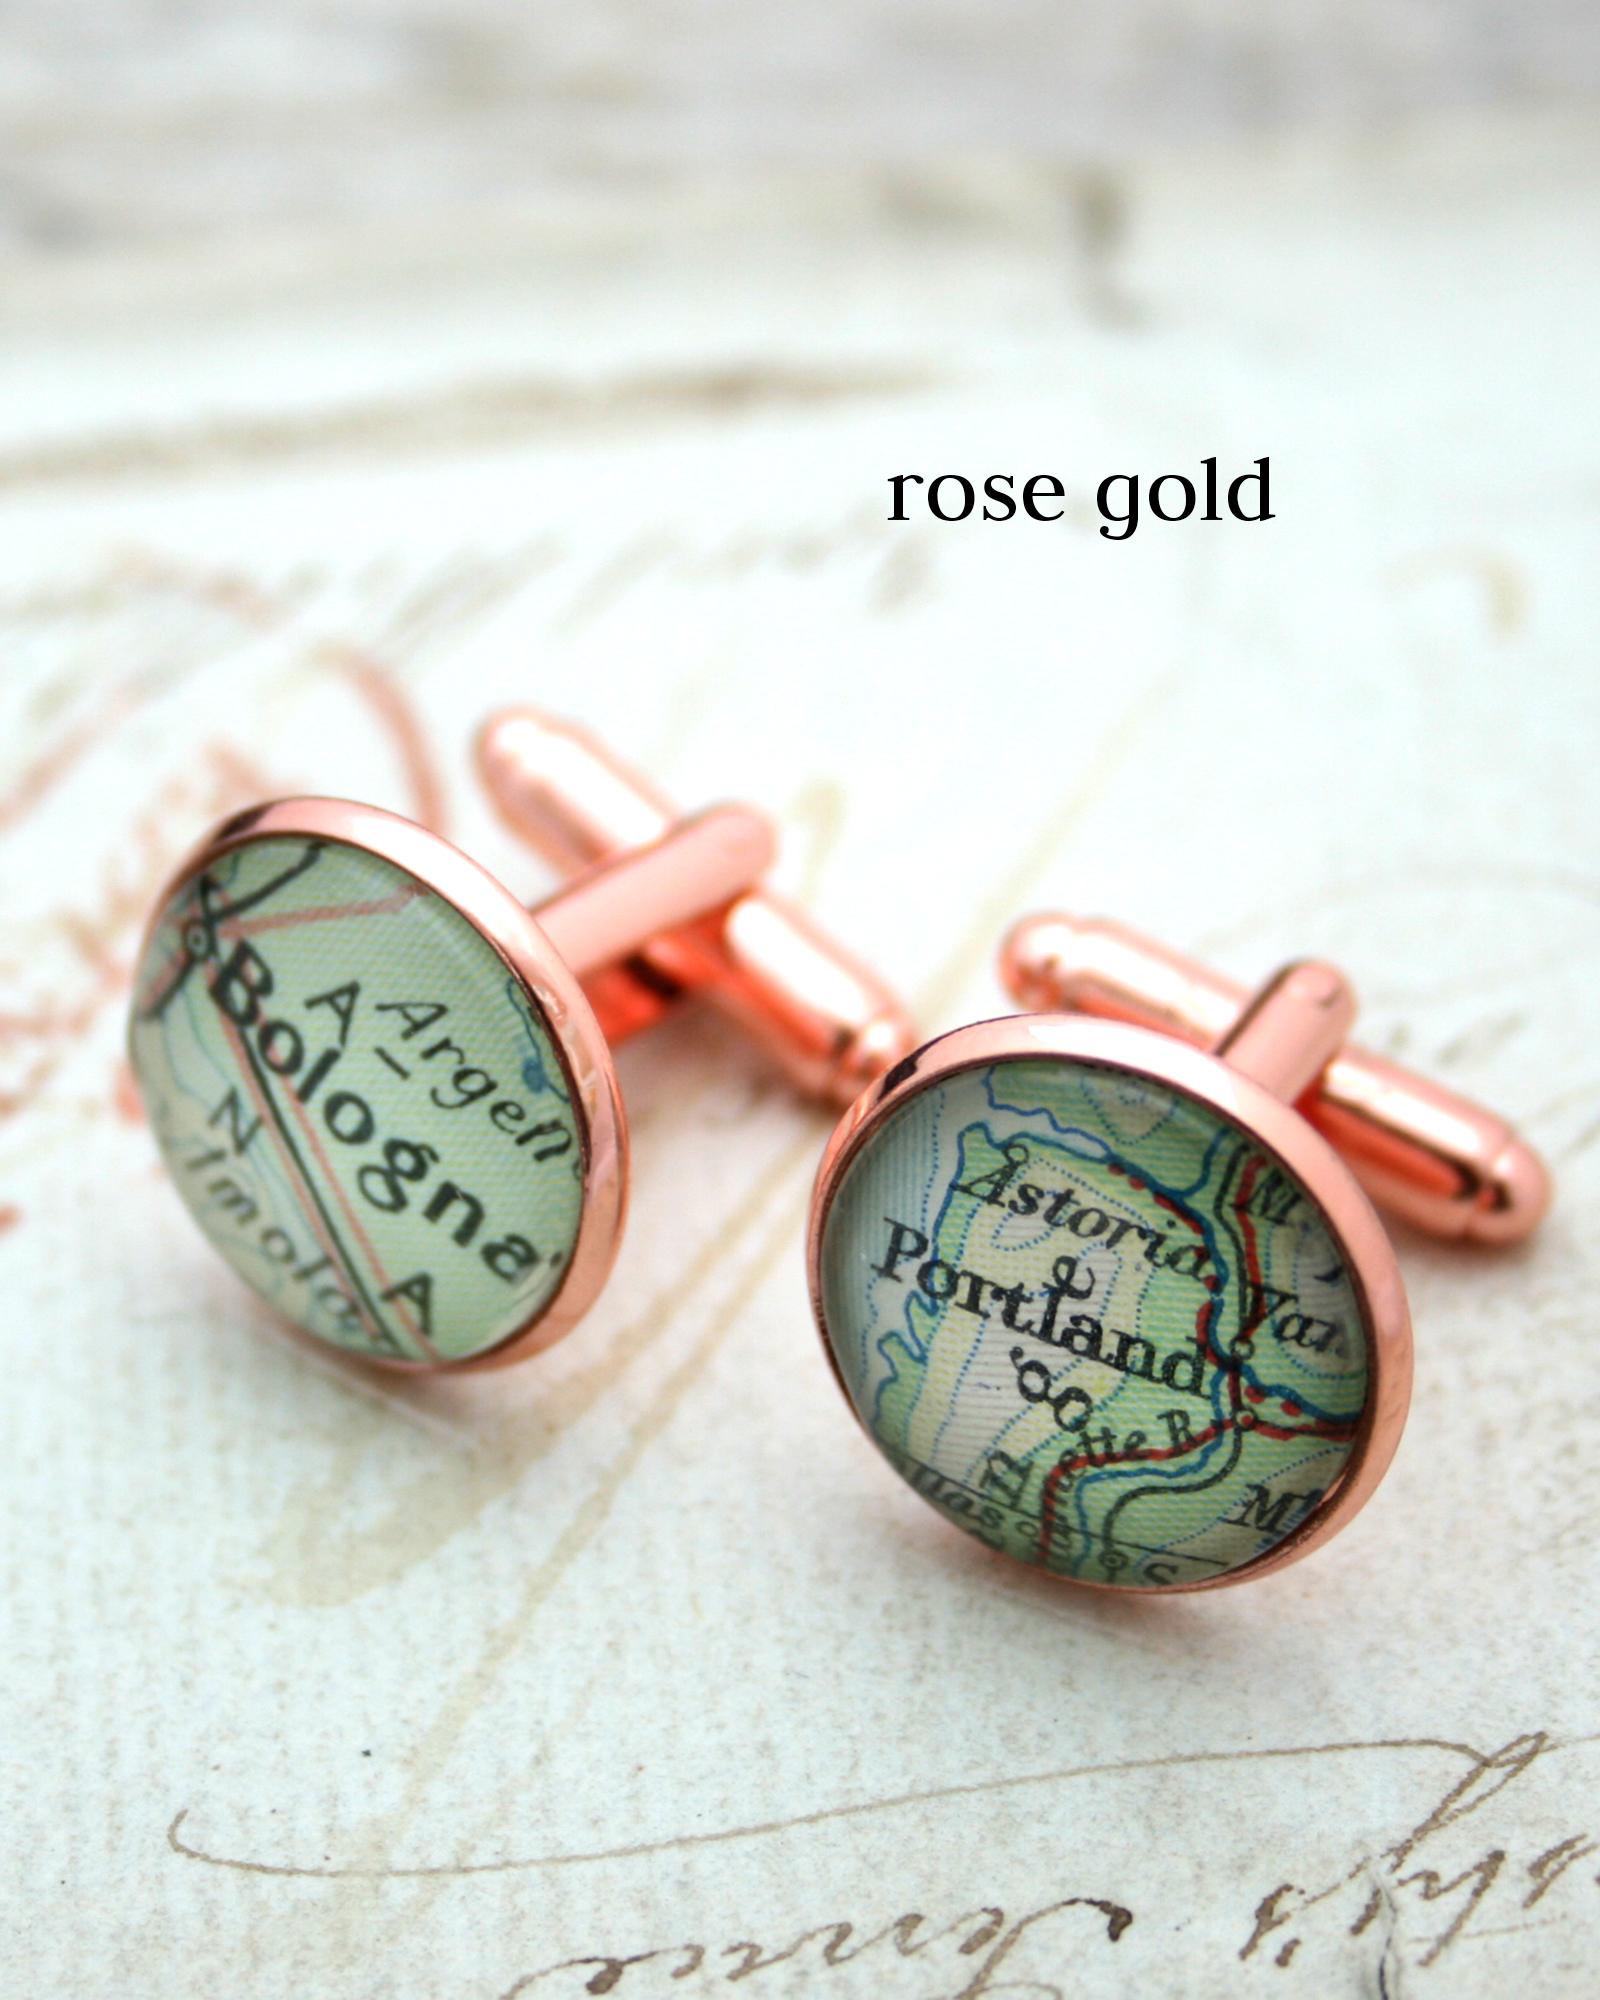 custom map cufflinks in rose gold colour